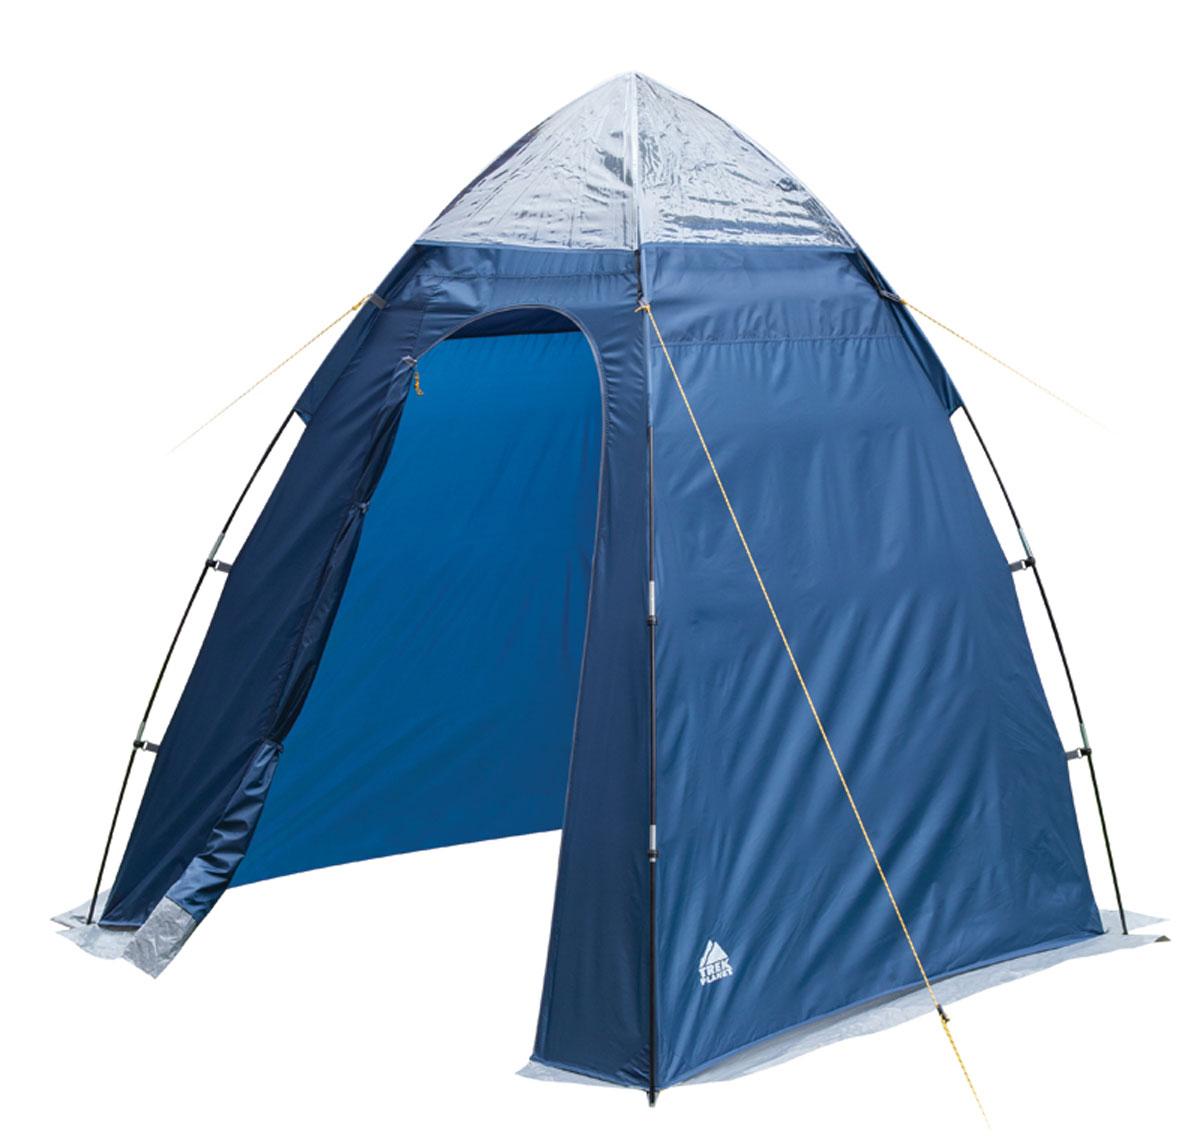 Тент Trek Planet Aqua Tent для душа/туалета, 165 см х 165 см х 200 см, цвет: синий, голубойKOC-H19-LEDУниверсальный тент-шатер Trek Planet Aqua Tent. Применяется для оборудования душа или туалета. Незаменим при длительном кемпинге или в полевом лагере. Оборудован верхней вентиляцией.Особенности тента:- внутренние большие карманы вверху палатки для туалетных принадлежностей;- крючок для подвески душа вверху тента, также может использоваться для подвески фонаря;- каркас выполнен из прочного стеклопластика;- защитная юбка по периметру;- водостойкость 800 мм.Палатка упакована в сумку-чехол с ручками, застегивающуюся на застежку-молнию. Размер в сложенном виде 15 см х 59 см.